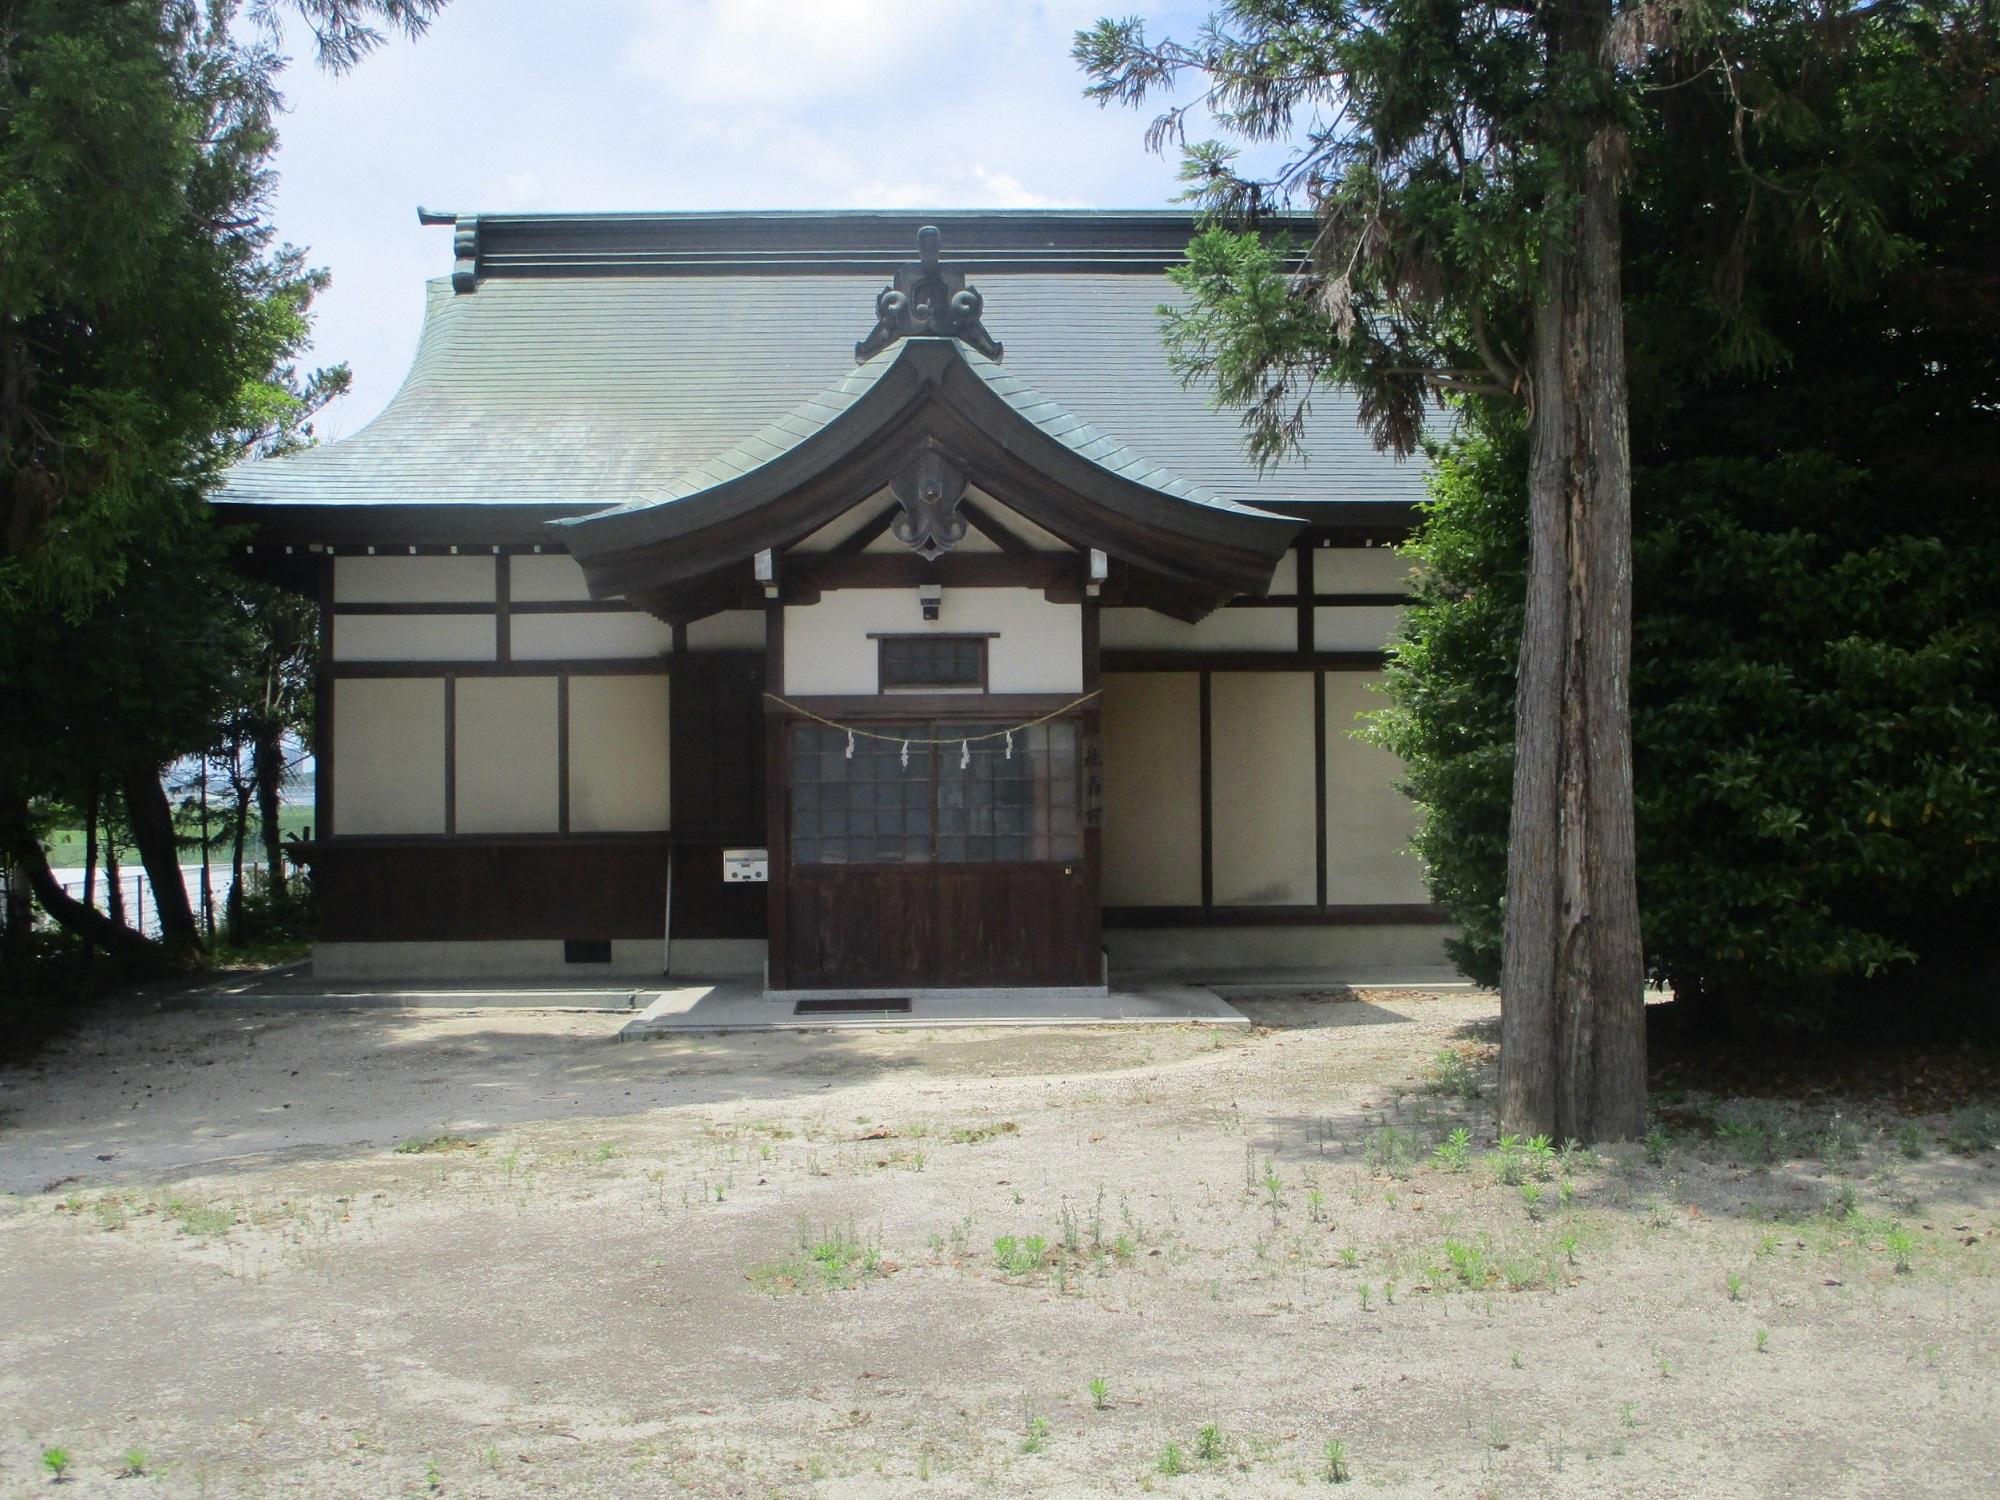 2020.5.27 (20) 鷲取神社 - 社務所 2000-1500